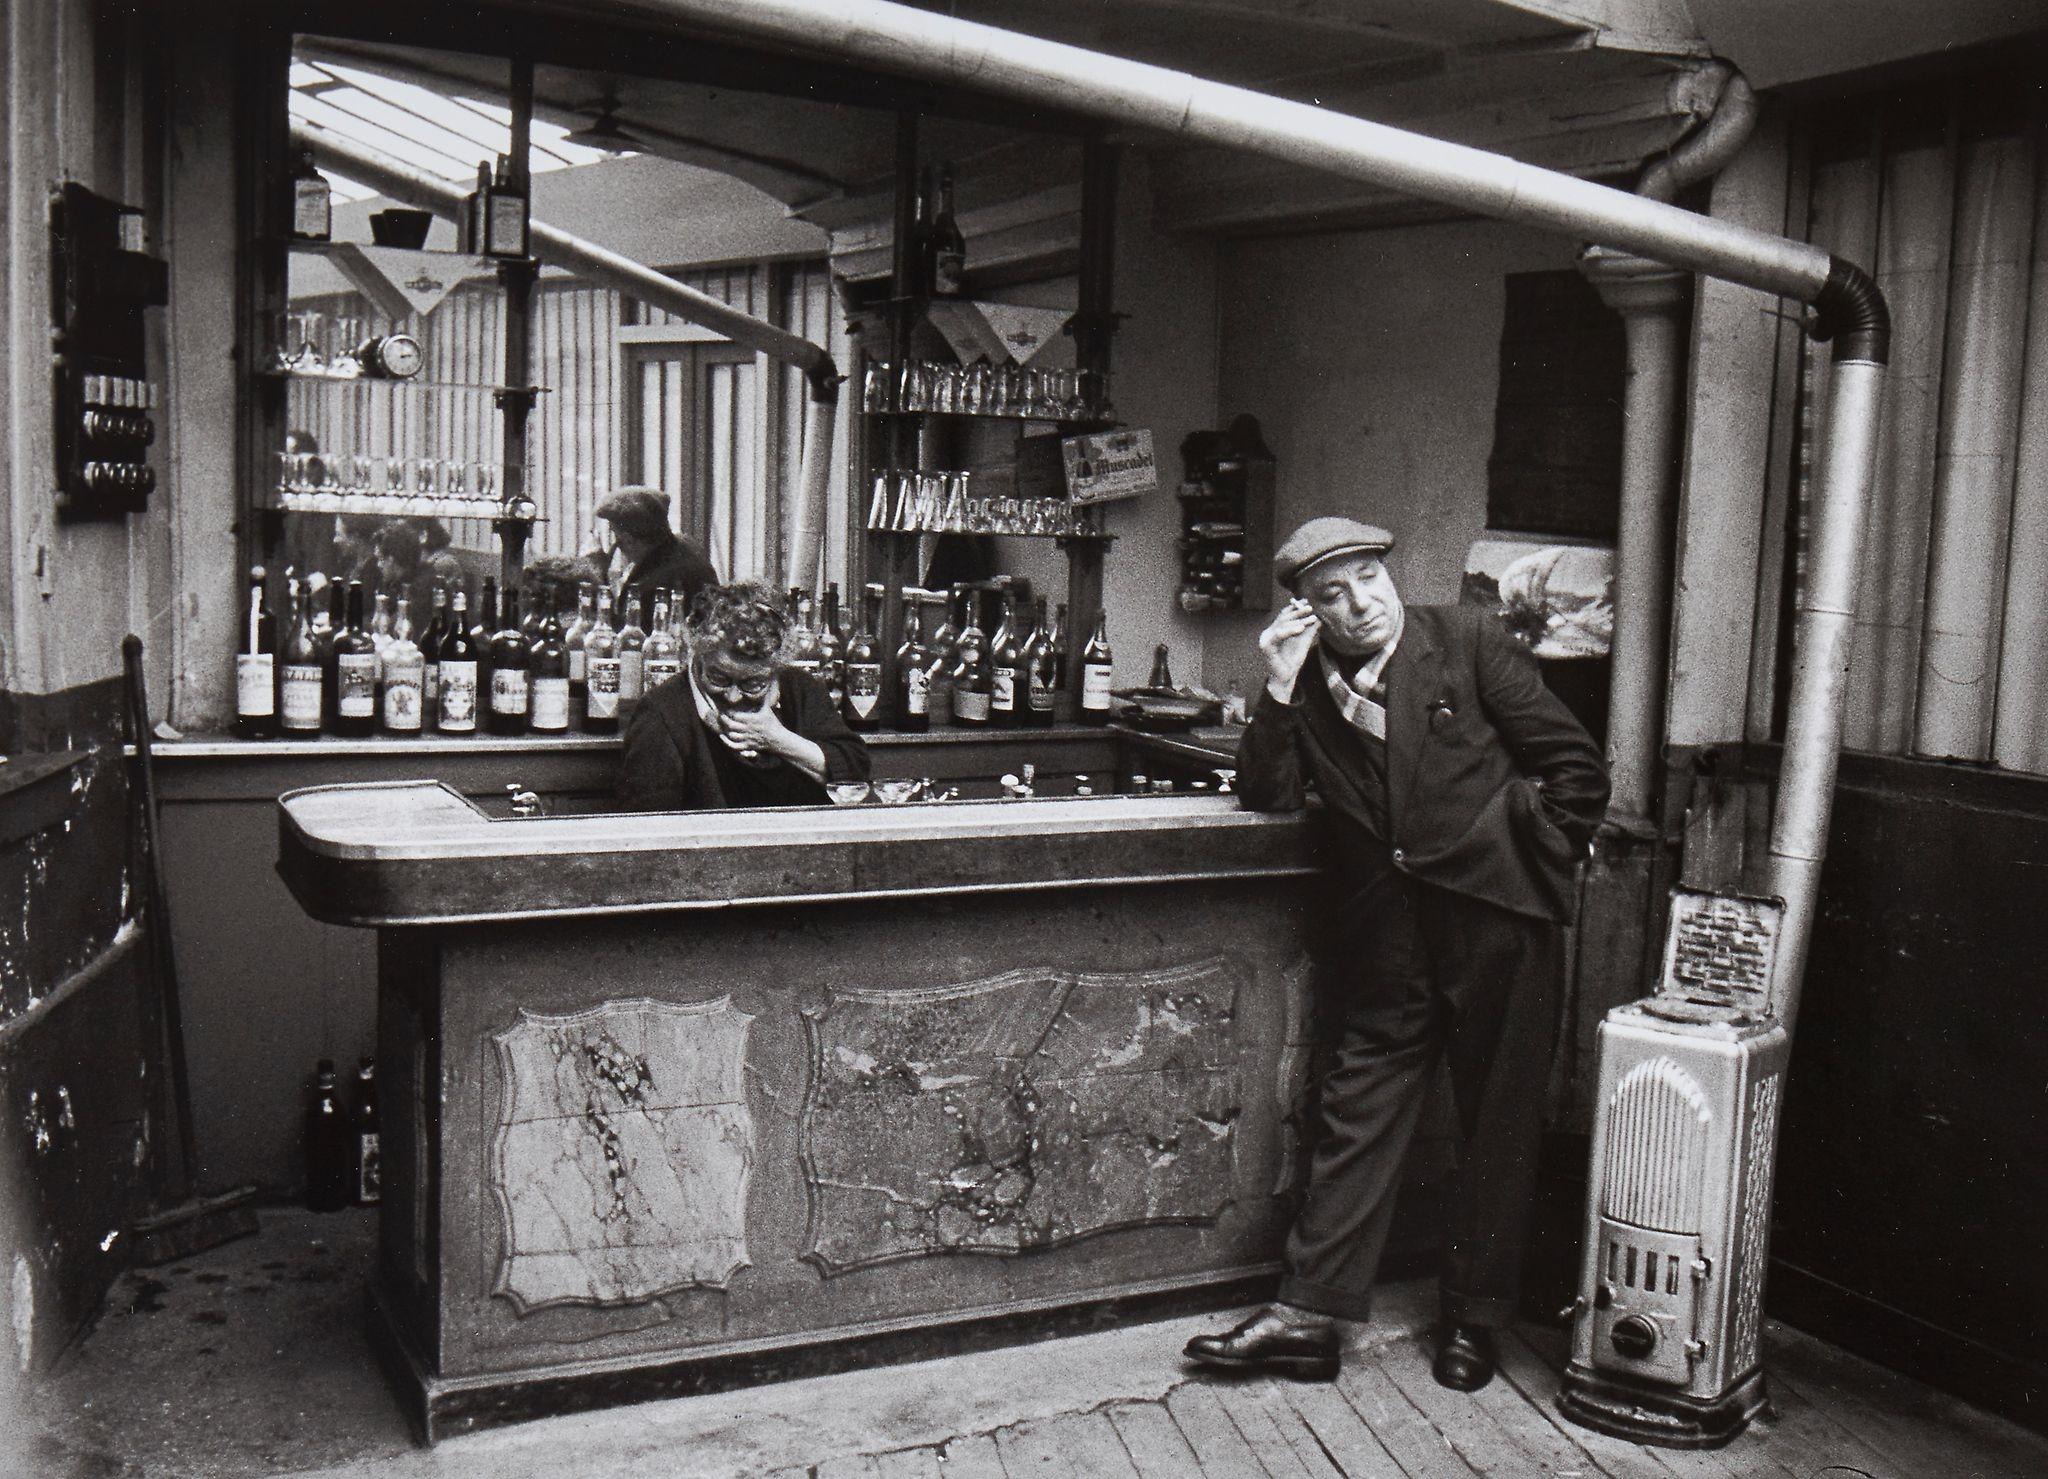 1955. Бистро У Виктора, улица Компанс  в Бельвиле